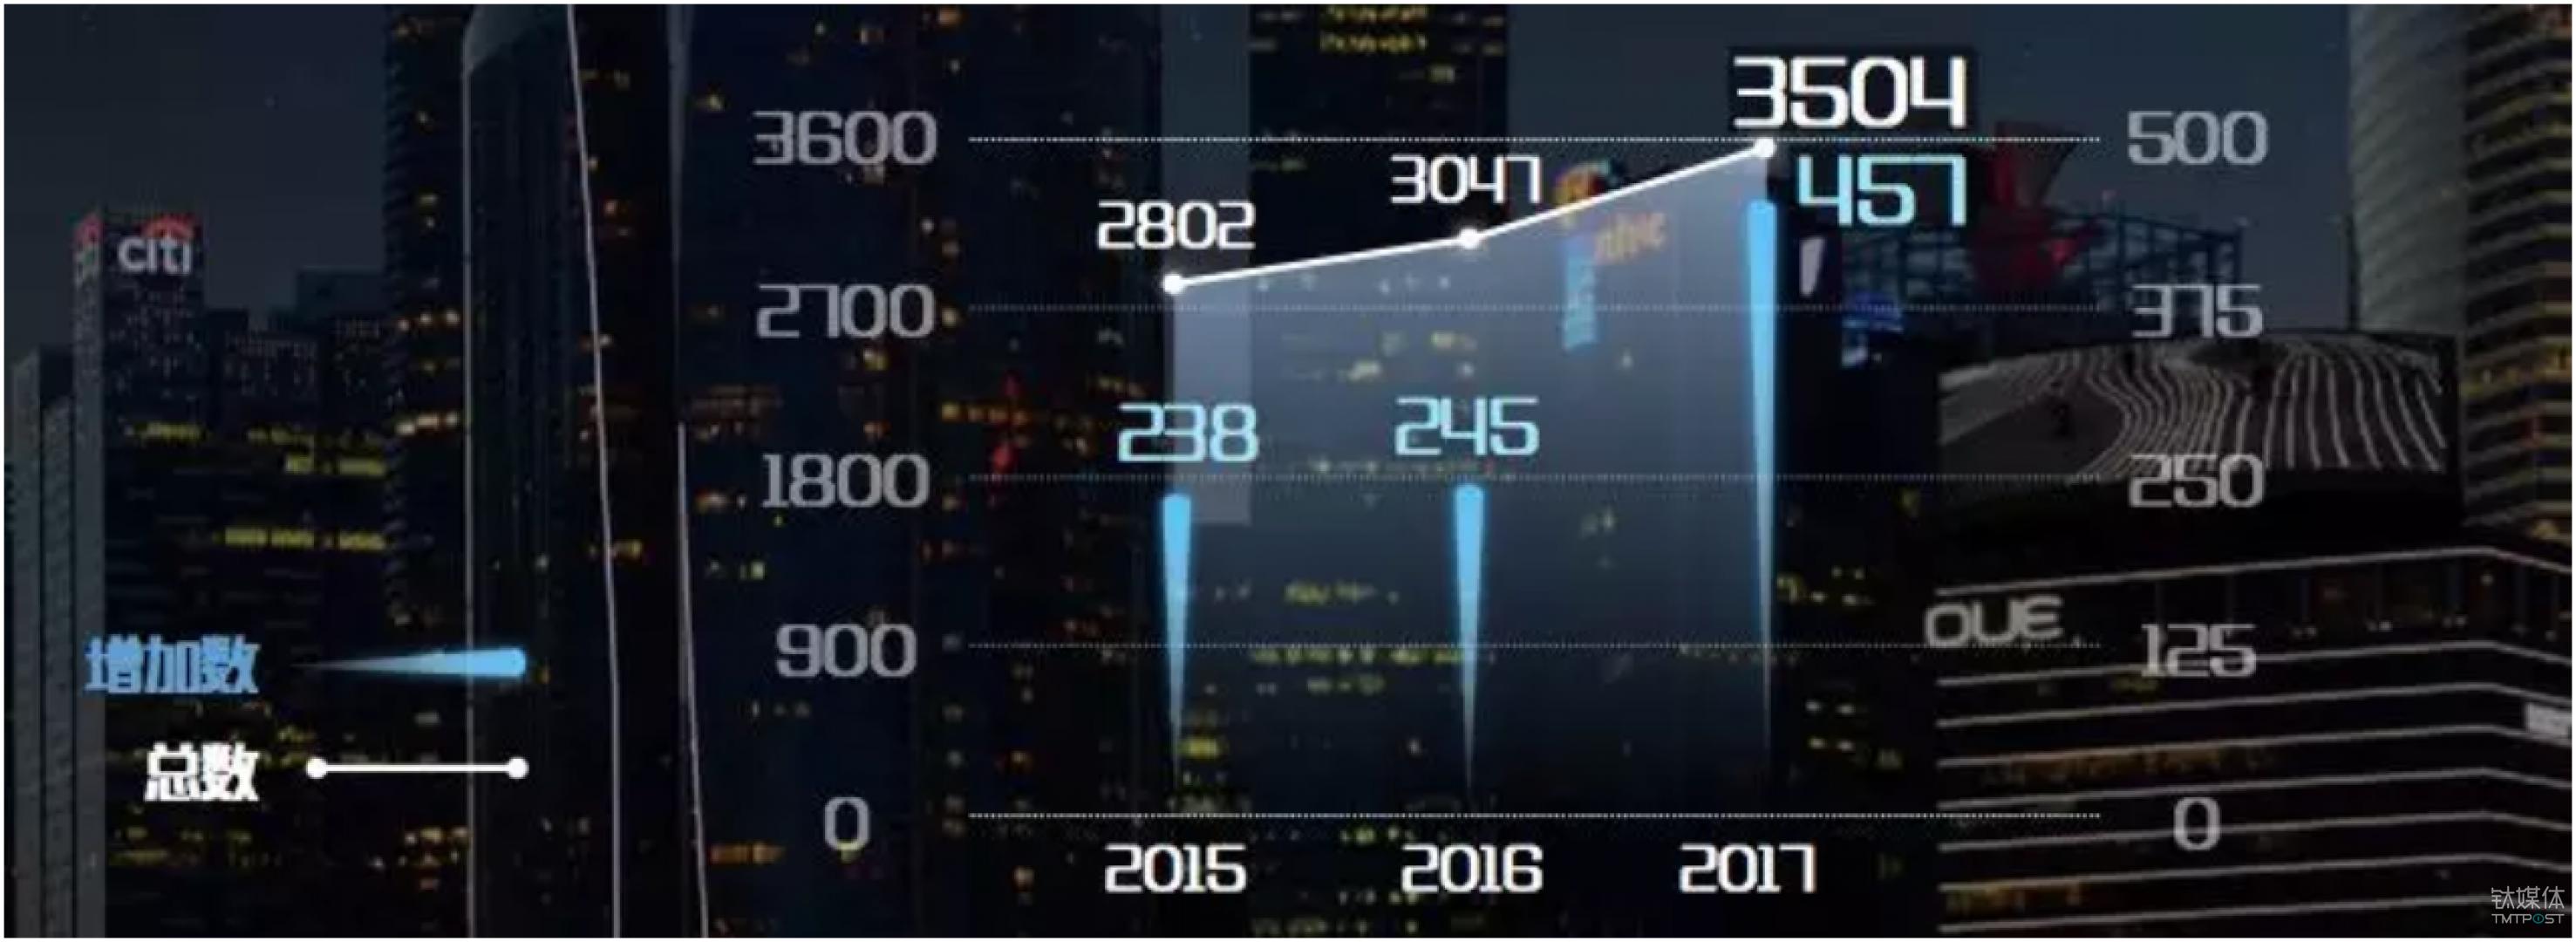 2015-2017中国上市公司数量增长图